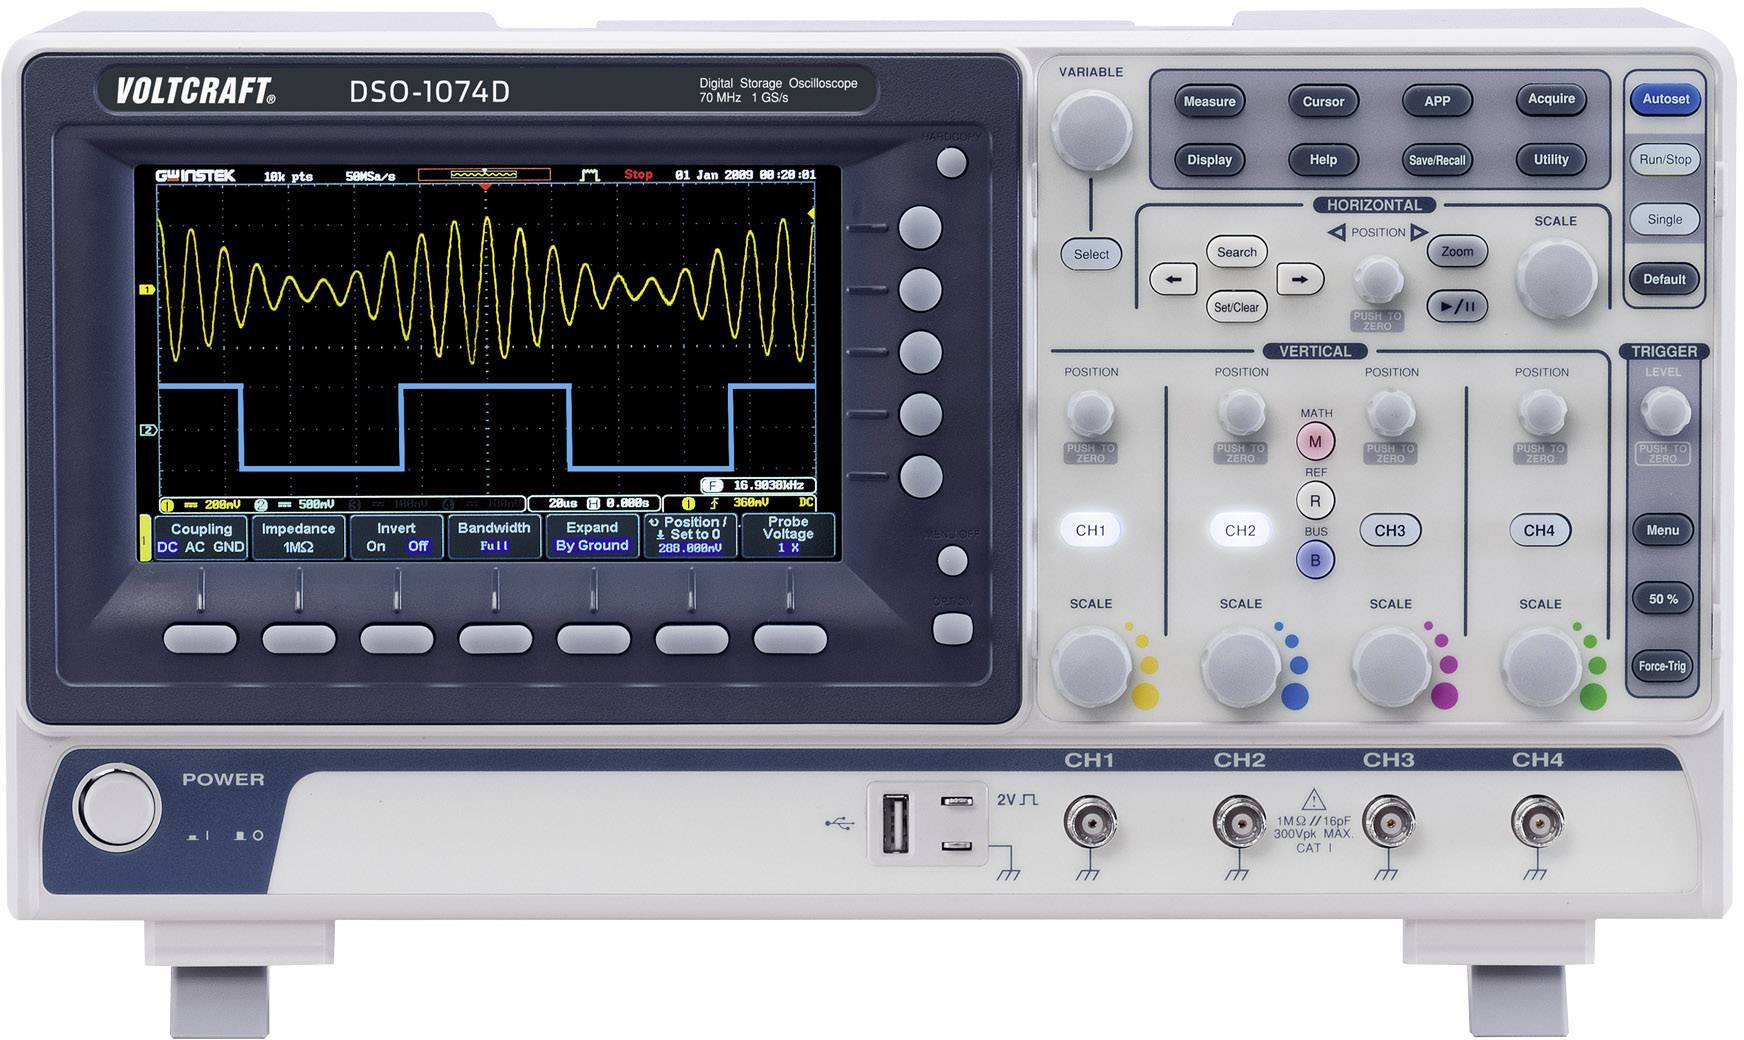 Digitální osciloskop VOLTCRAFT DSO-1074D, 70 MHz, 4kanálový, kalibrace dle ISO